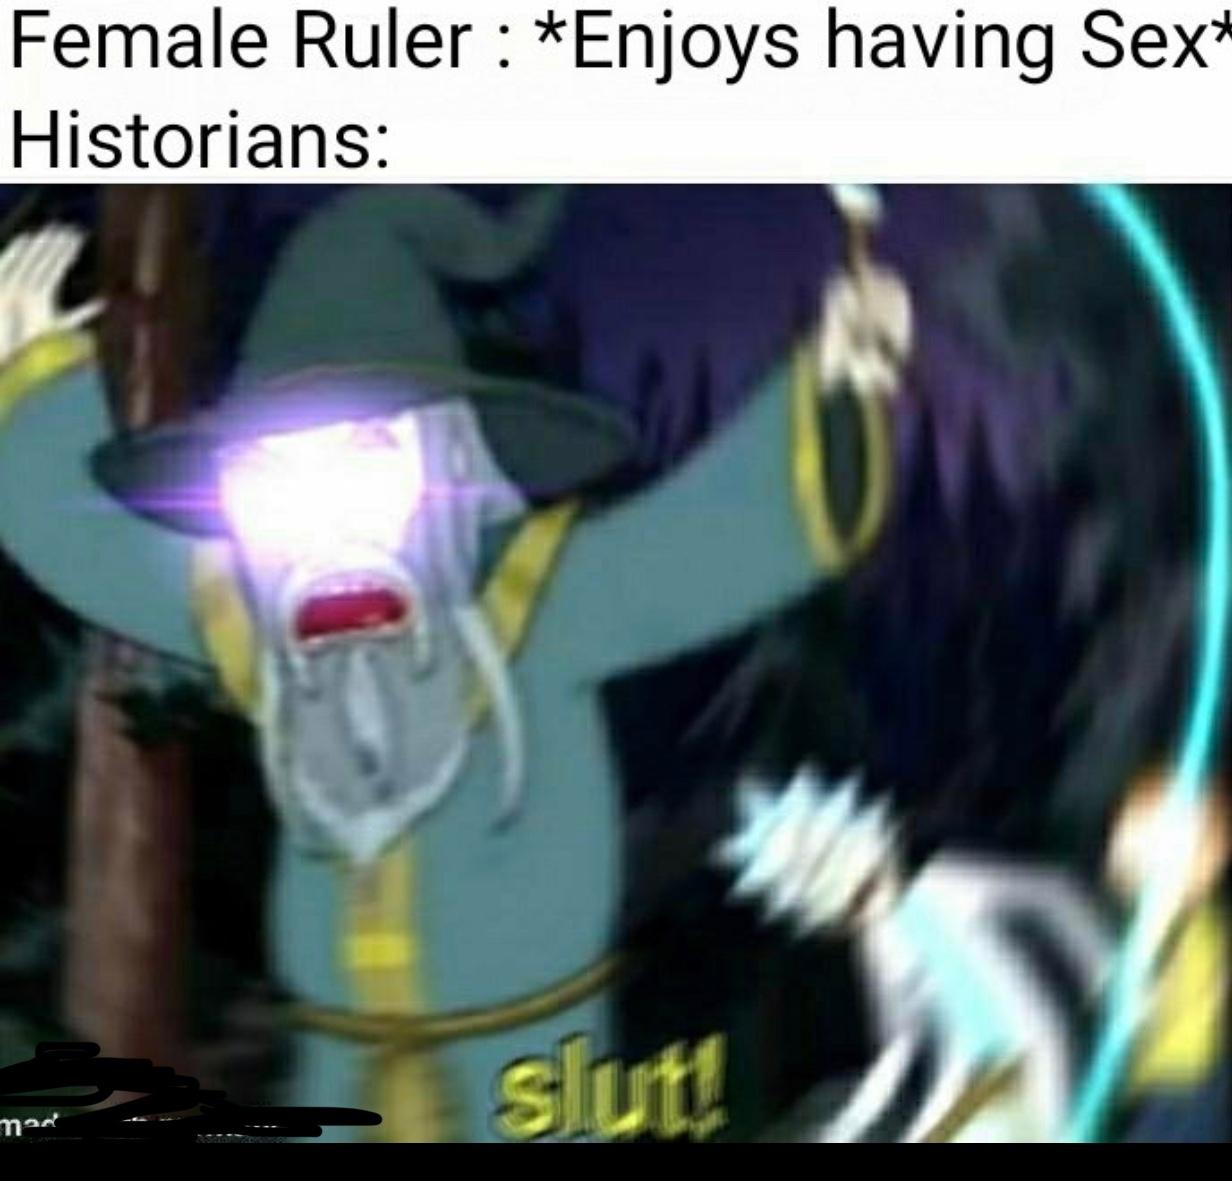 S L U T - meme